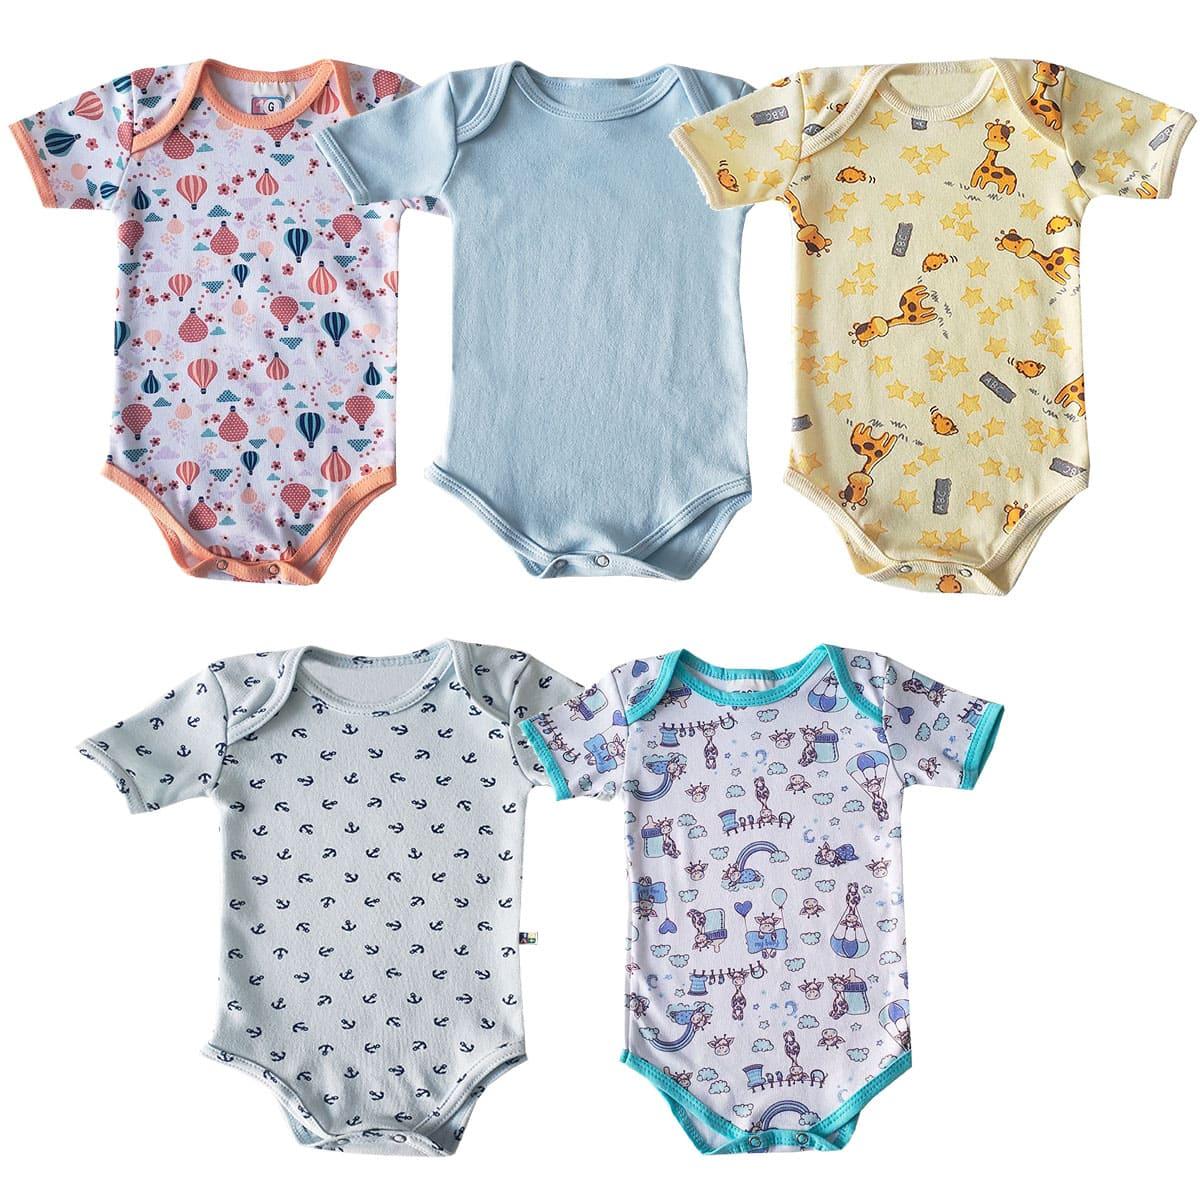 Kit de Body Bebê Estampas Sortidas com 3 Peças Menino